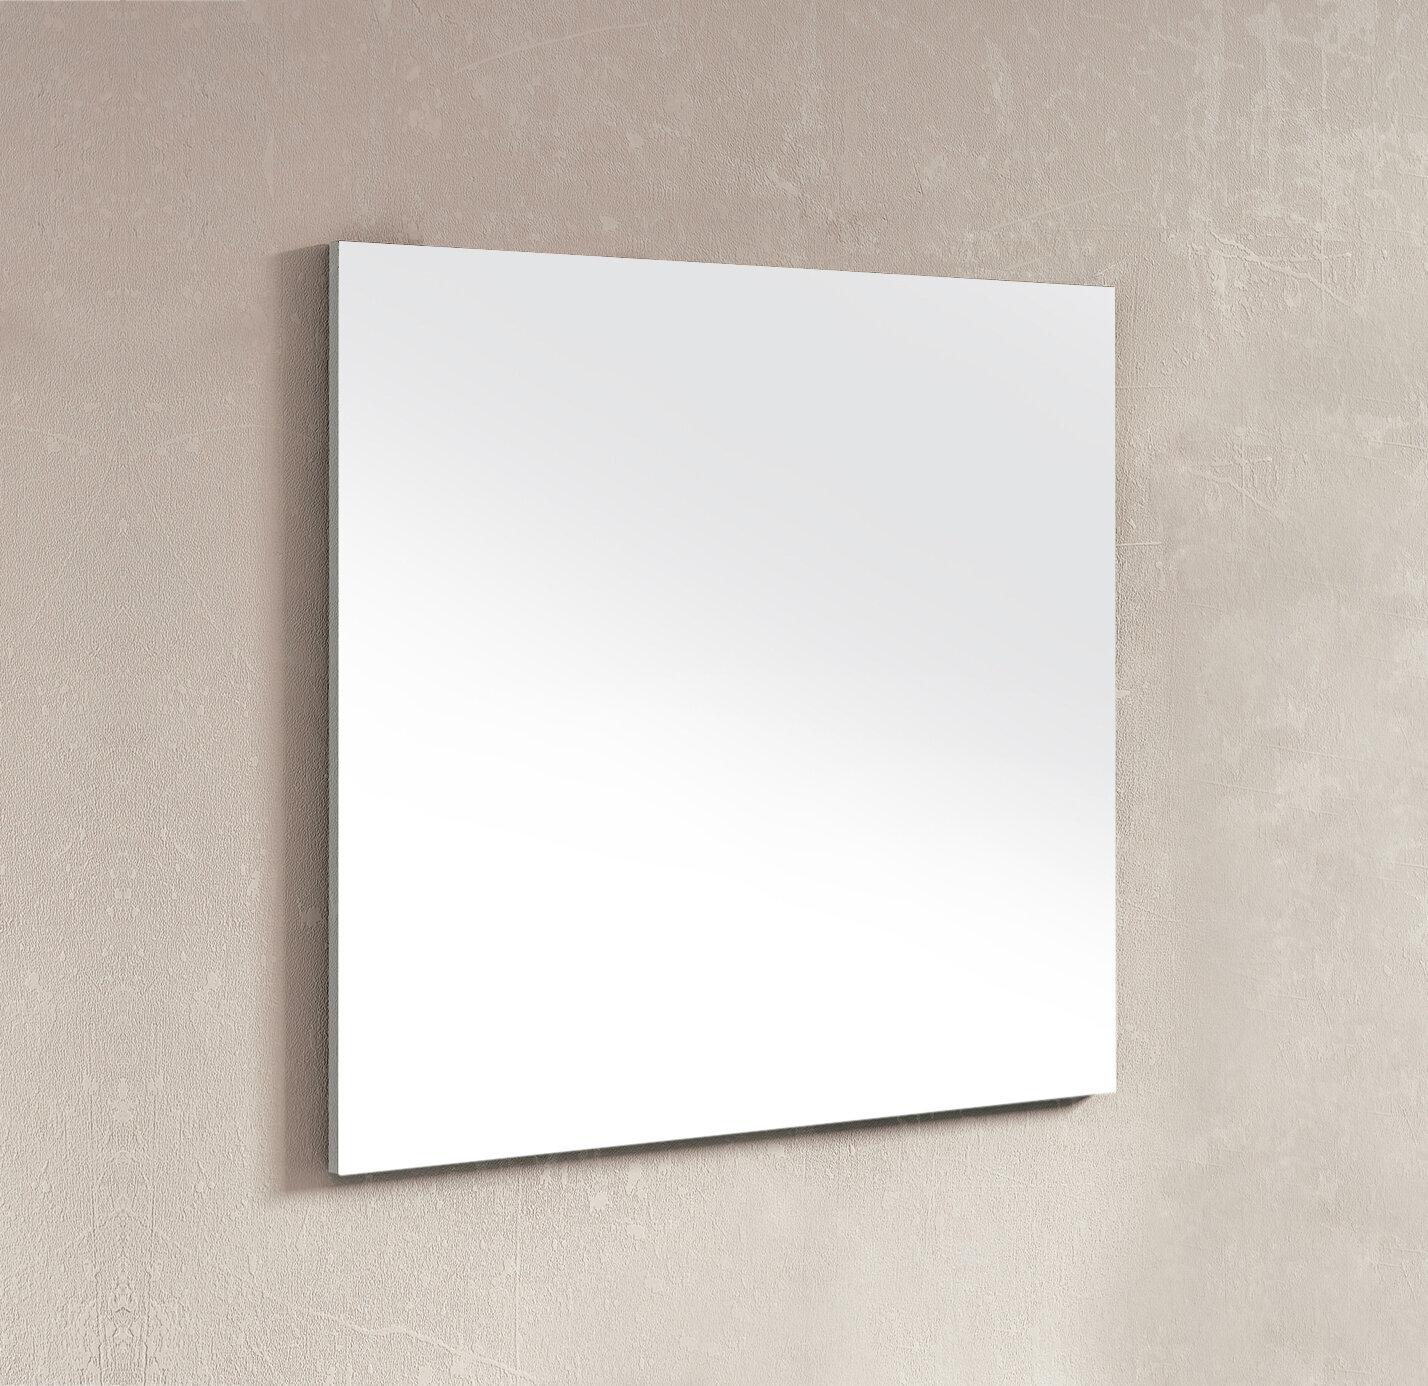 Dawn Usa Wall Mounted Frameless Wall Mirror Reviews Wayfair